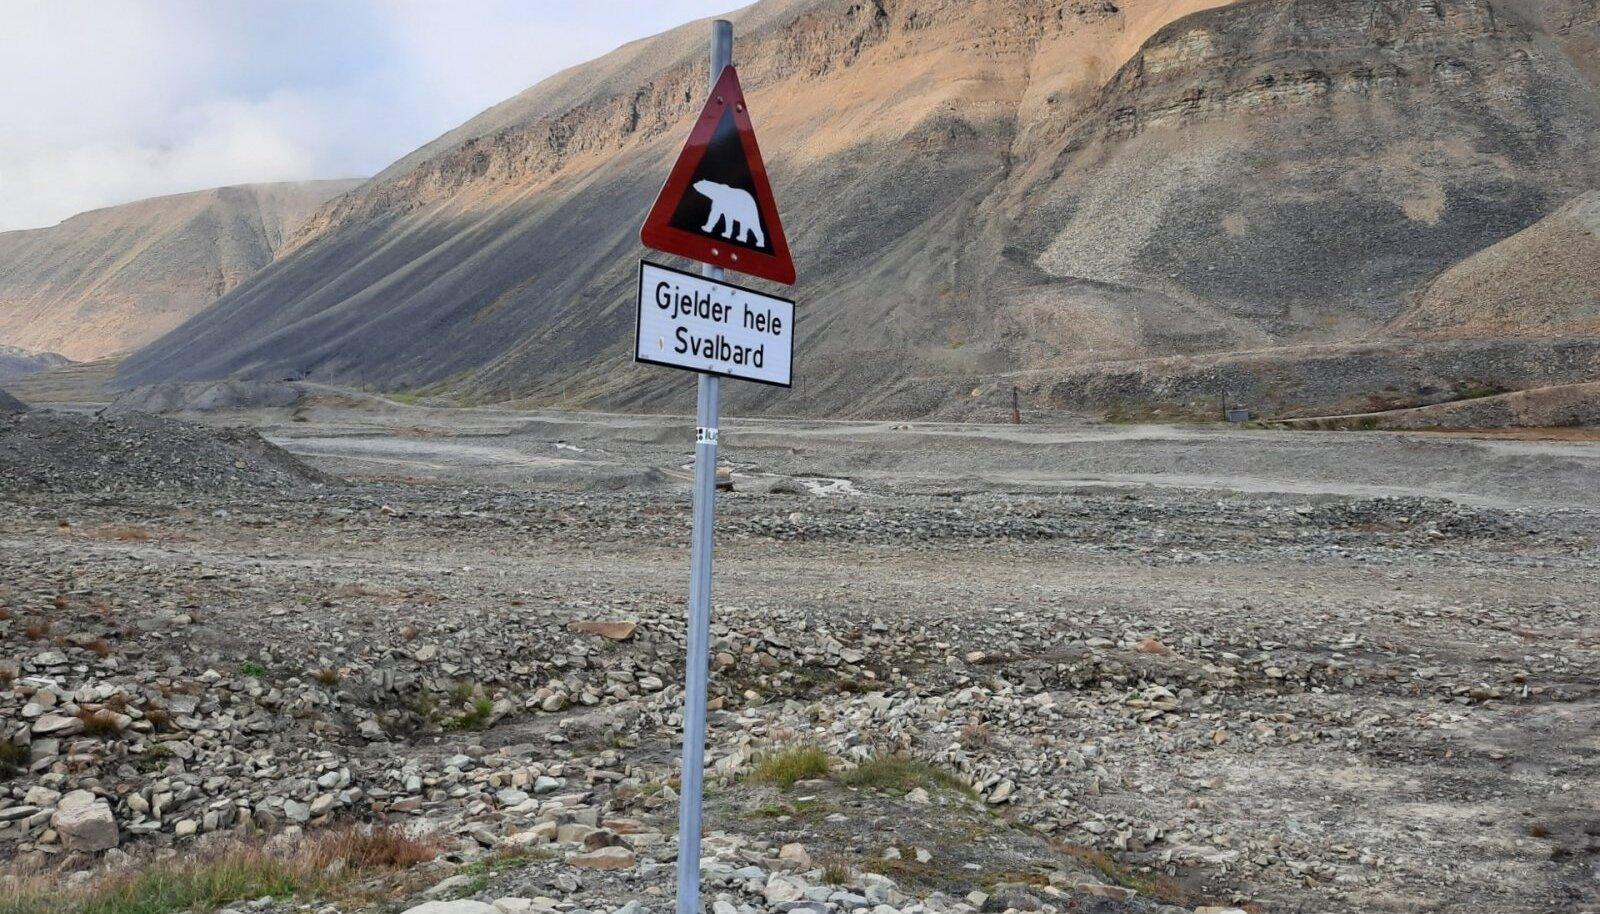 Stopp! Spontaanseid jalgsirännakuid ei tasu Teravmägedes teha. Valitseb tõeline jääkaruoht.